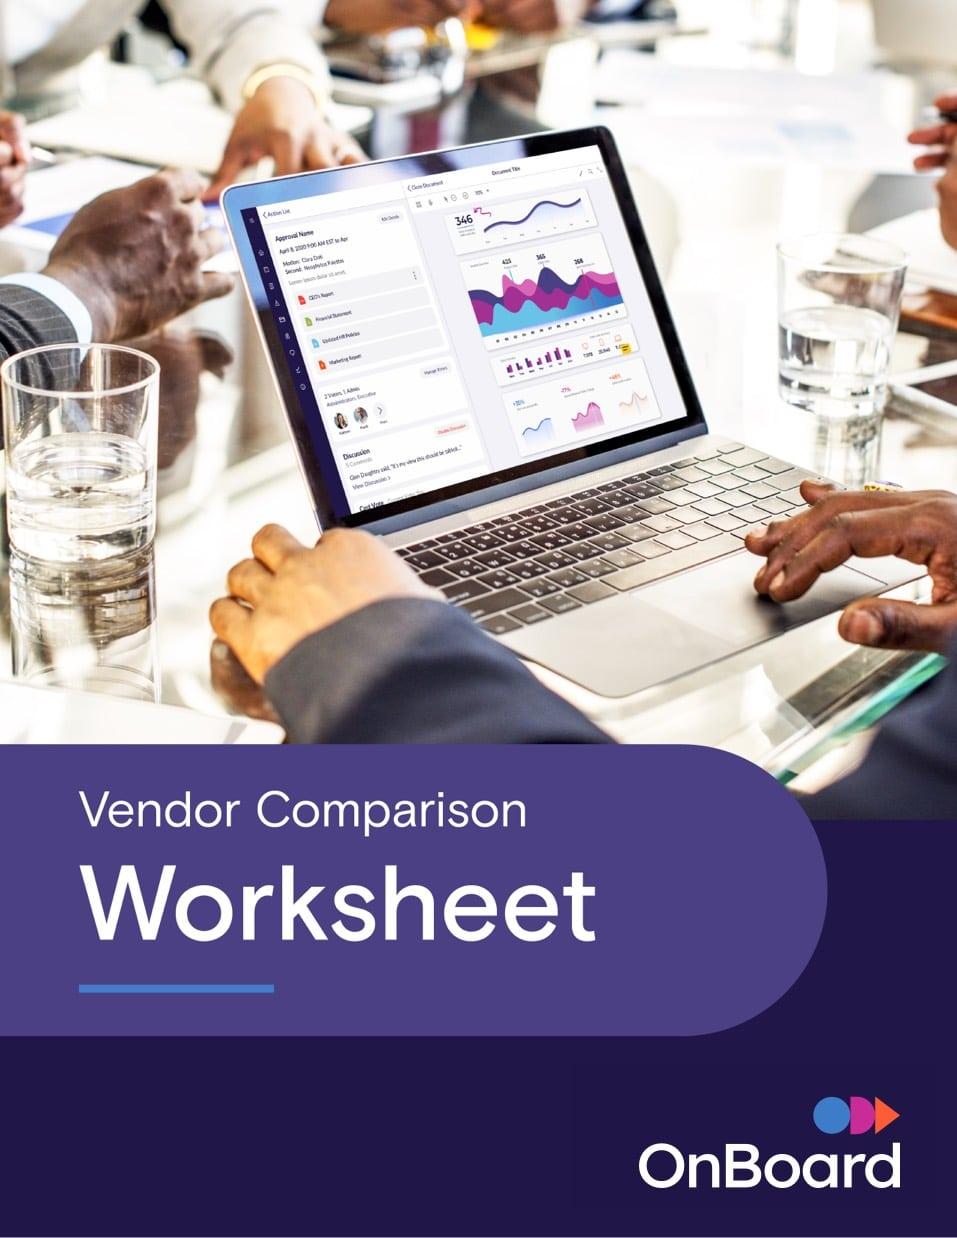 Vendor Comparison Worksheet